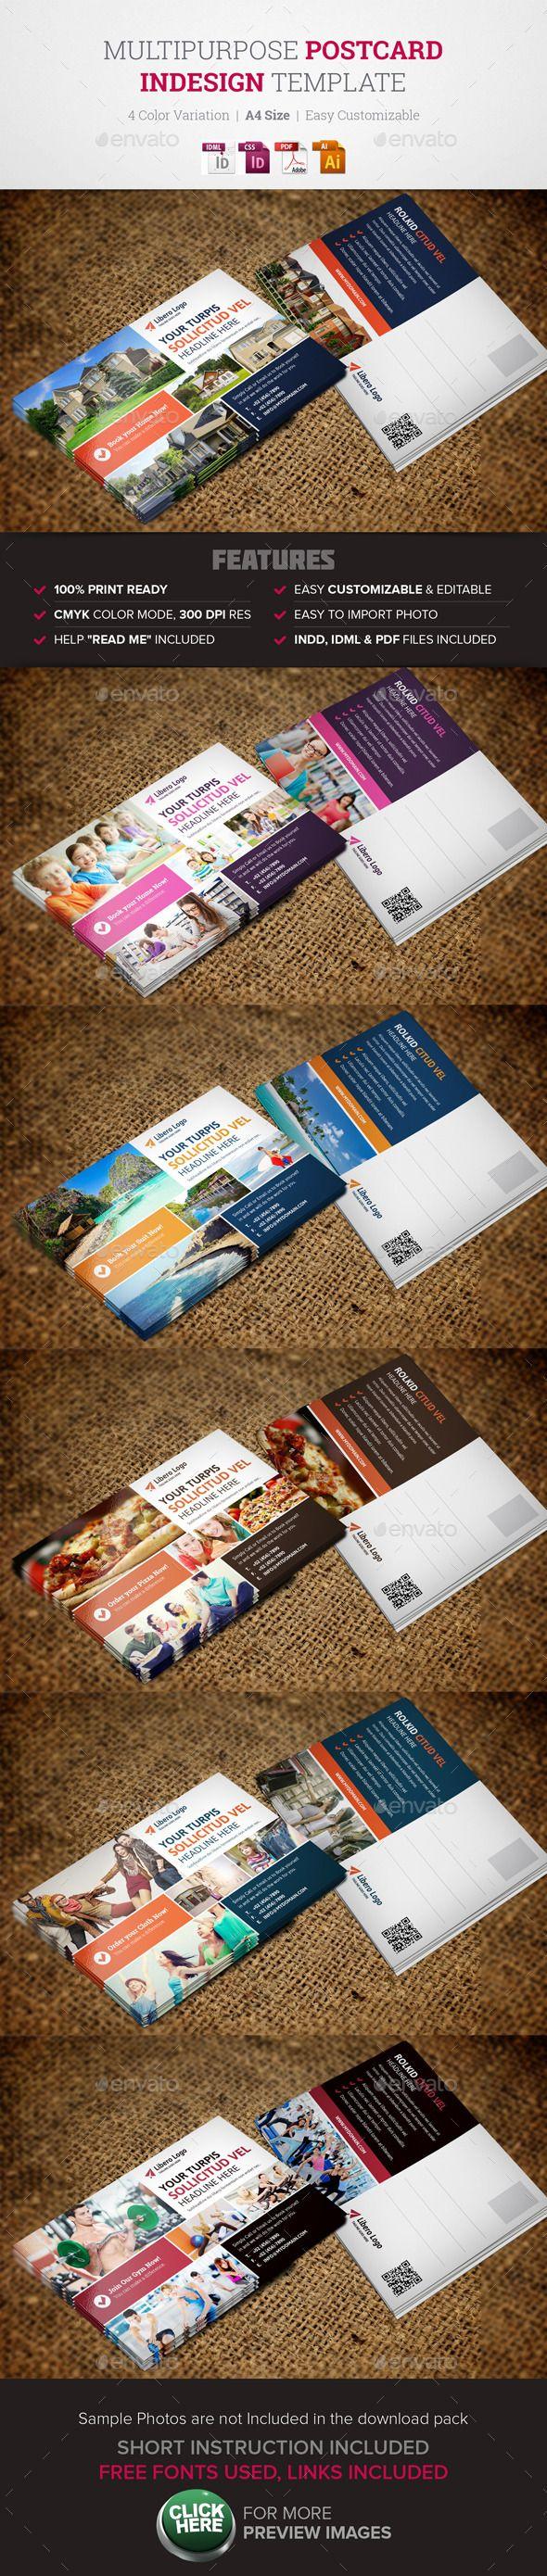 Postcard Design Template v1 | Composición, Papelería y Varios